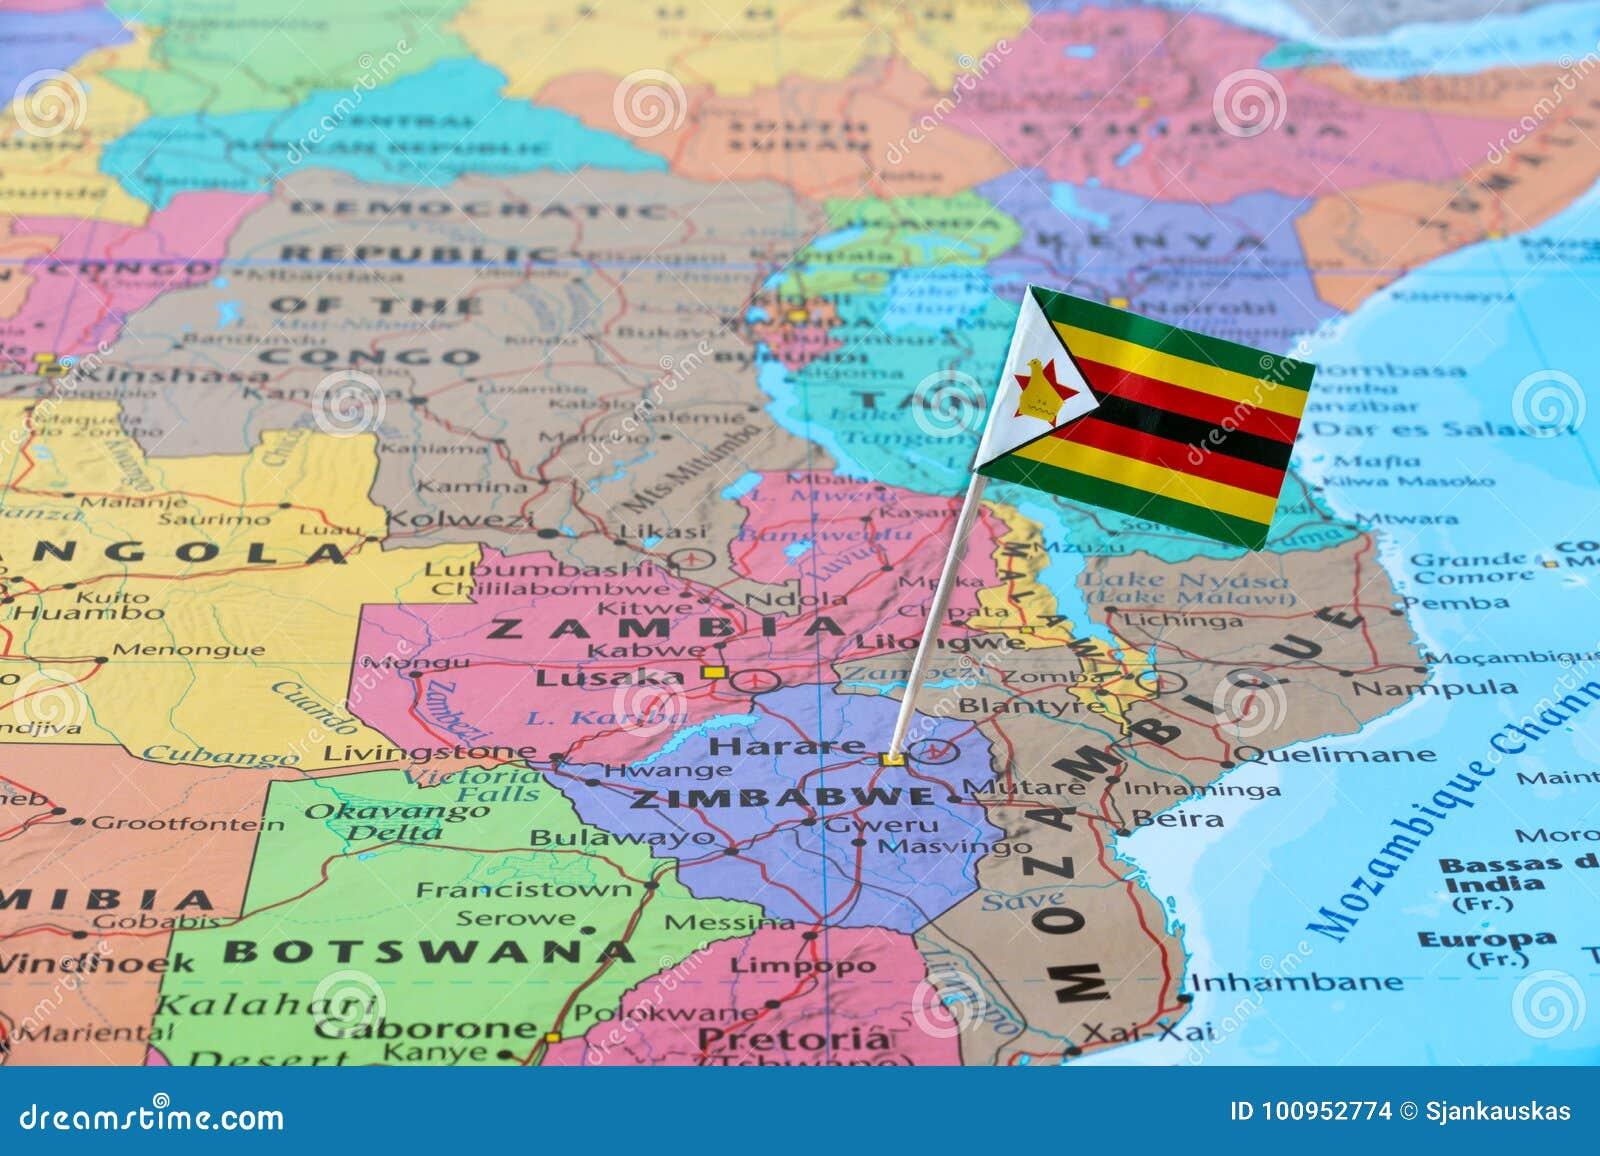 Zimbabwe map and flag pin stock photo image of located 100952774 zimbabwe map and flag pin gumiabroncs Choice Image